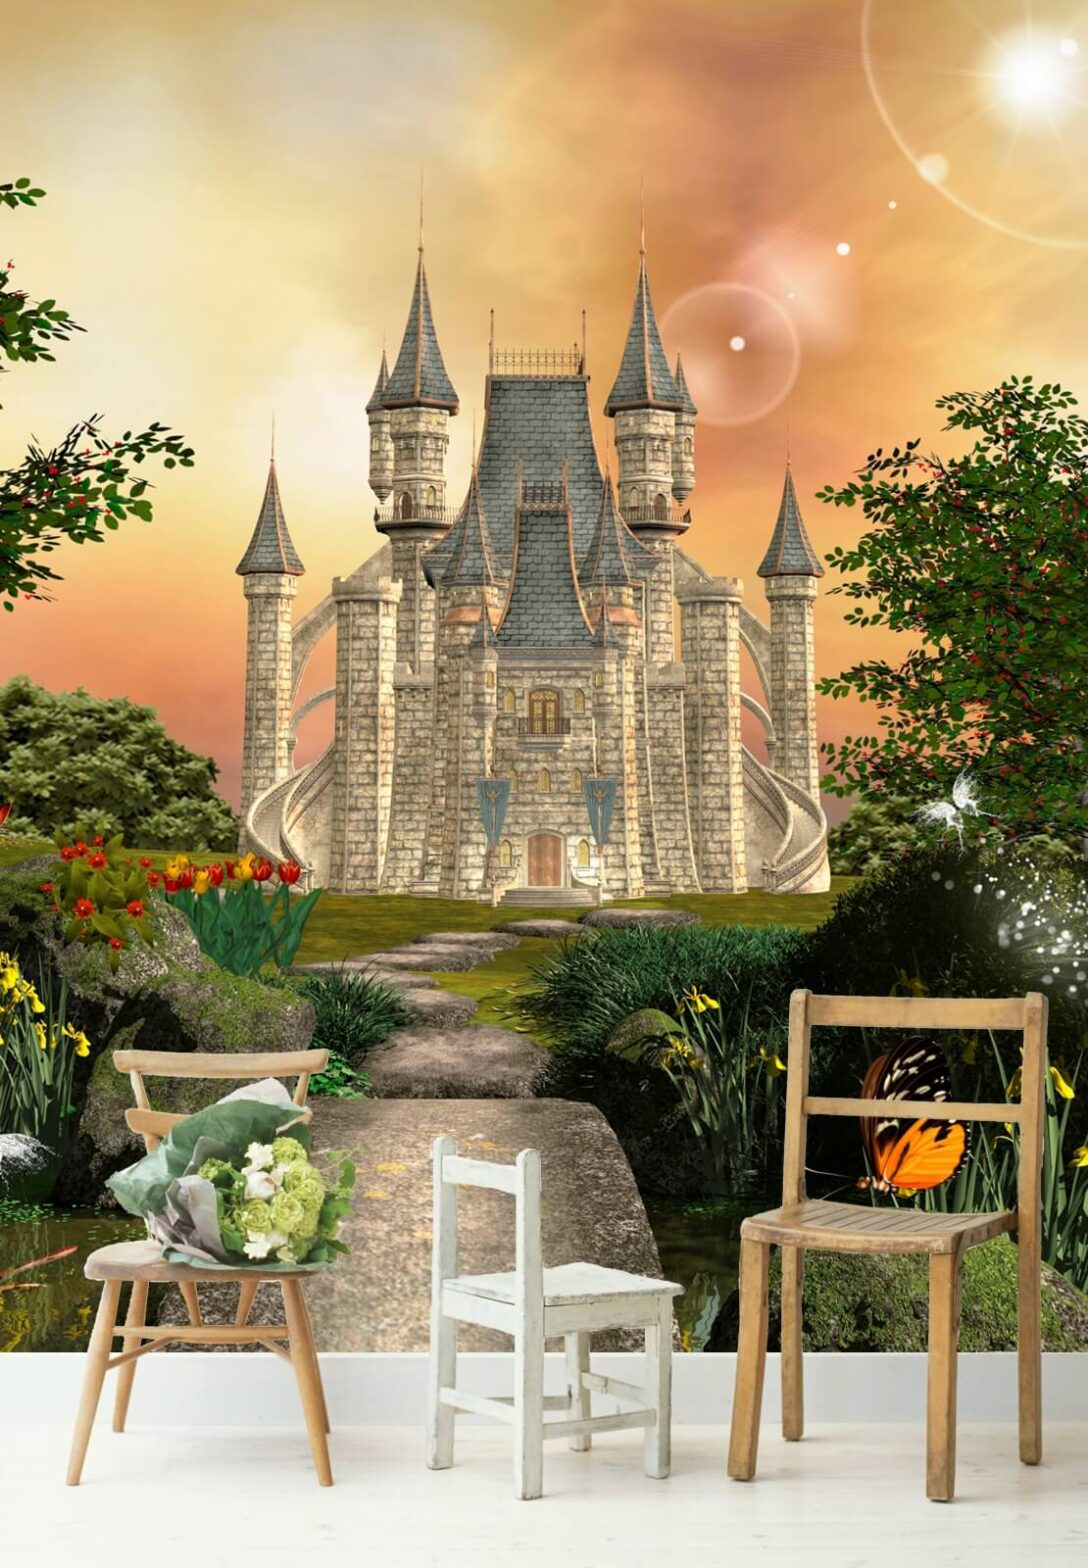 Large Size of Fototapeten Kinderzimmer Vlies Tapete Fototapete Schloss Poster Sofa Regal Regale Weiß Wohnzimmer Kinderzimmer Fototapeten Kinderzimmer